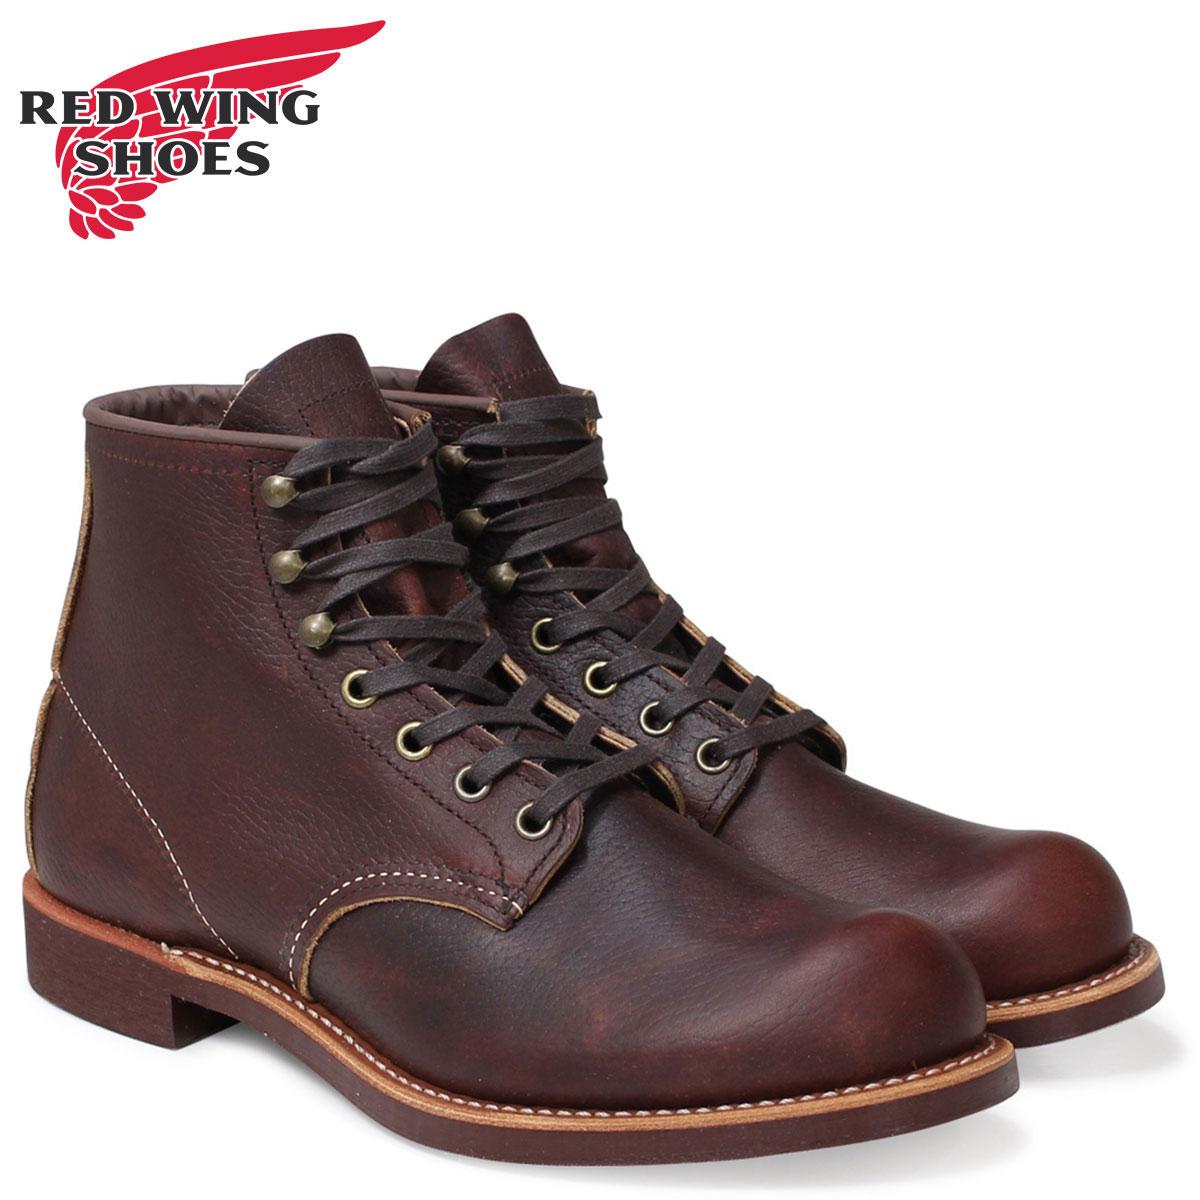 レッドウィング RED WING ブーツ アイリッシュセッター BLACKSMITH ROUND TOE アイリッシュセッターブーツ Dワイズ 3340 メンズ